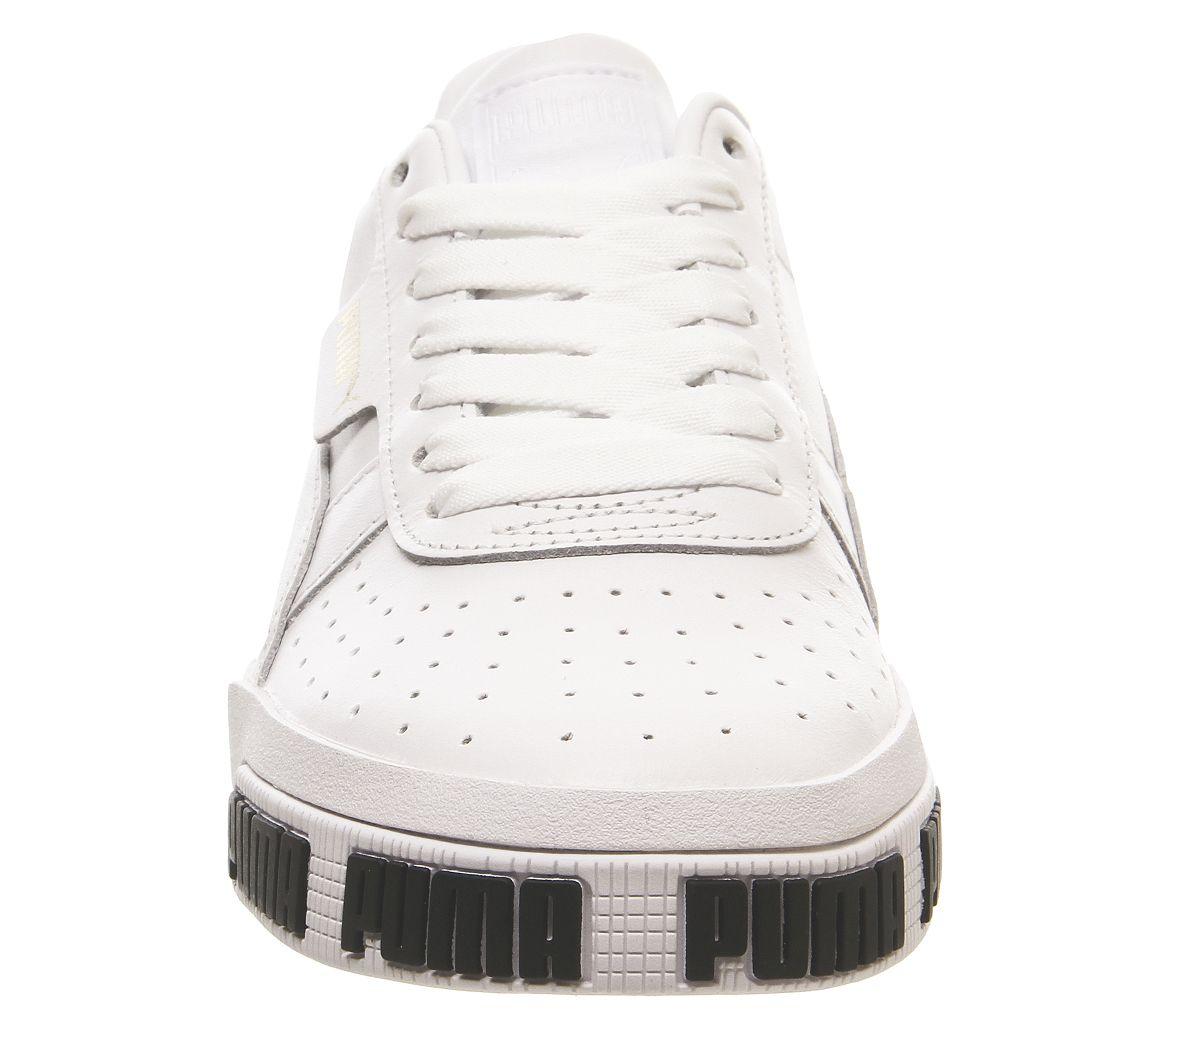 Vêtements et accessoires Puma Cali Bold Sneaker Femmes